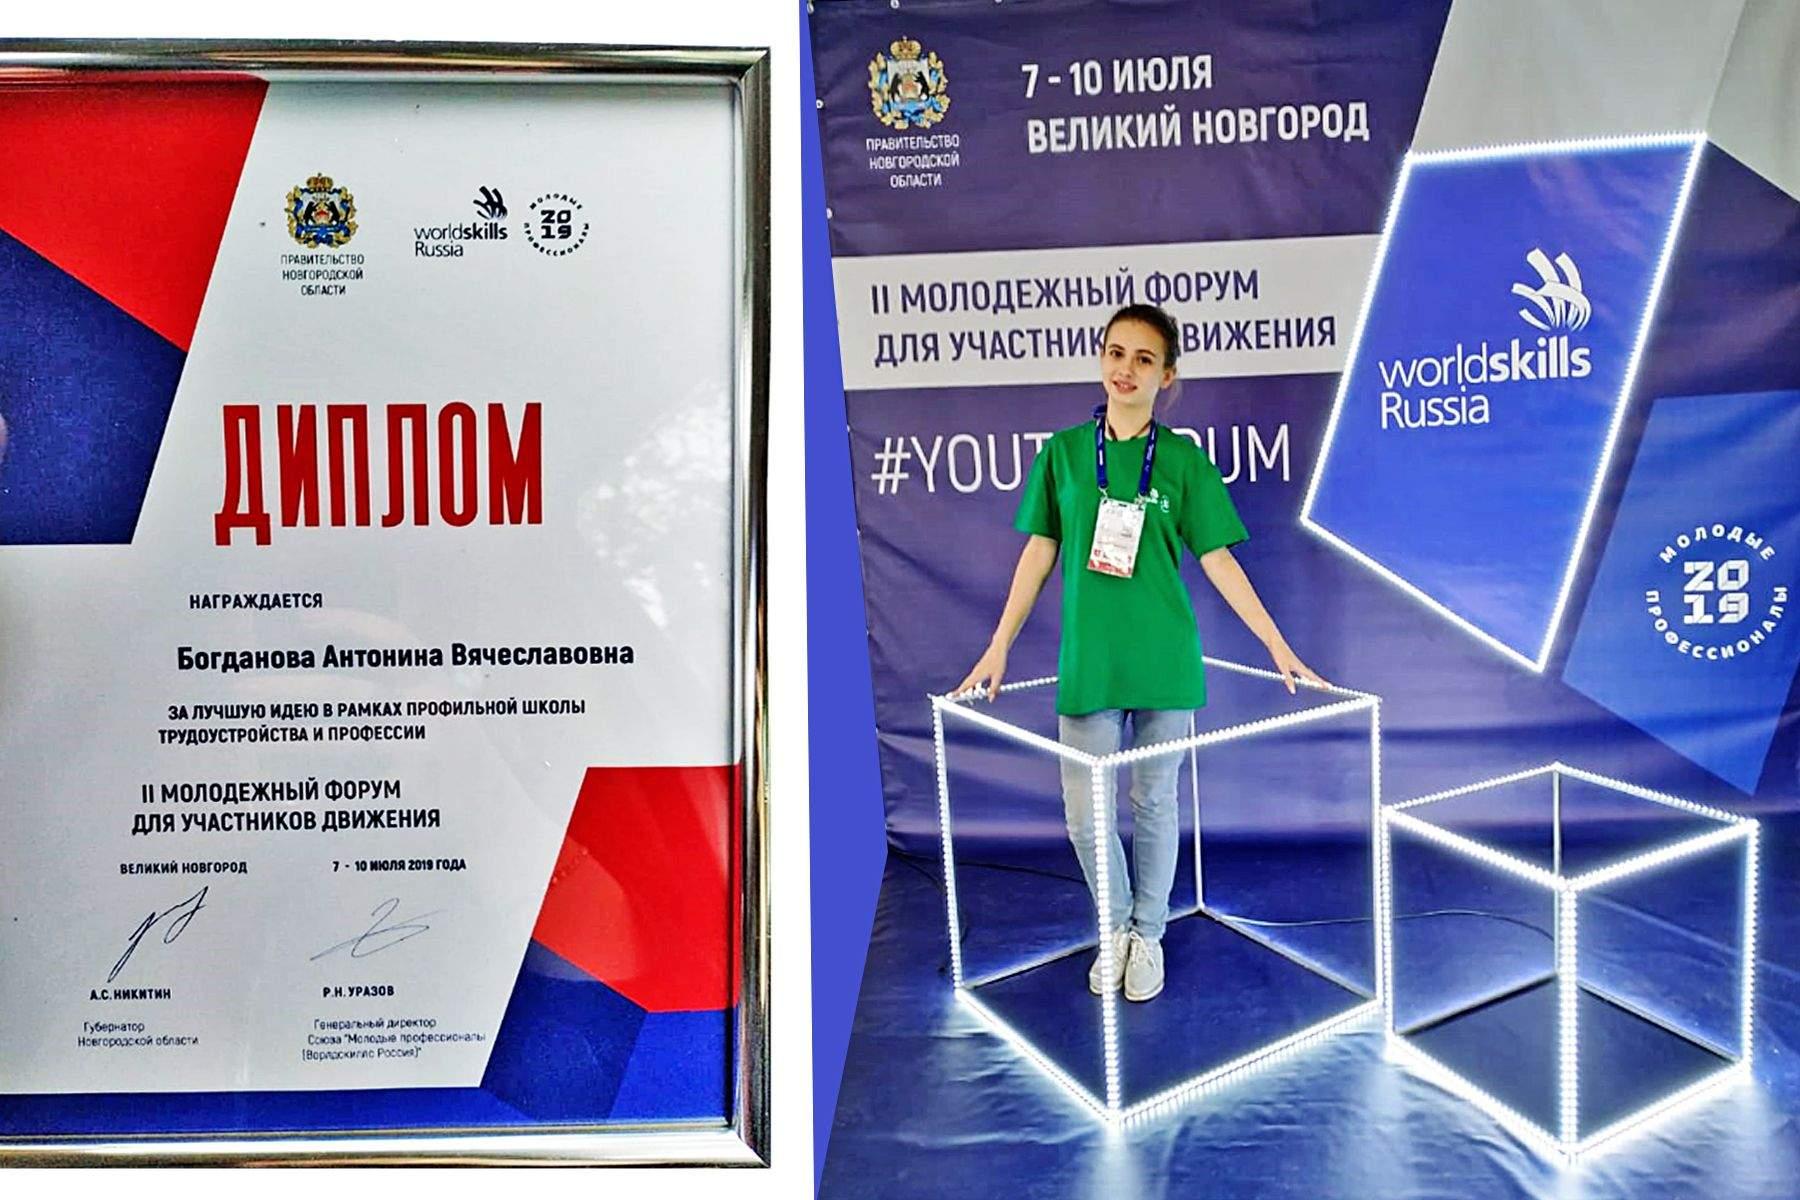 Студенты ВГУЭС стали первыми на II Молодёжном Форуме WorldSkills